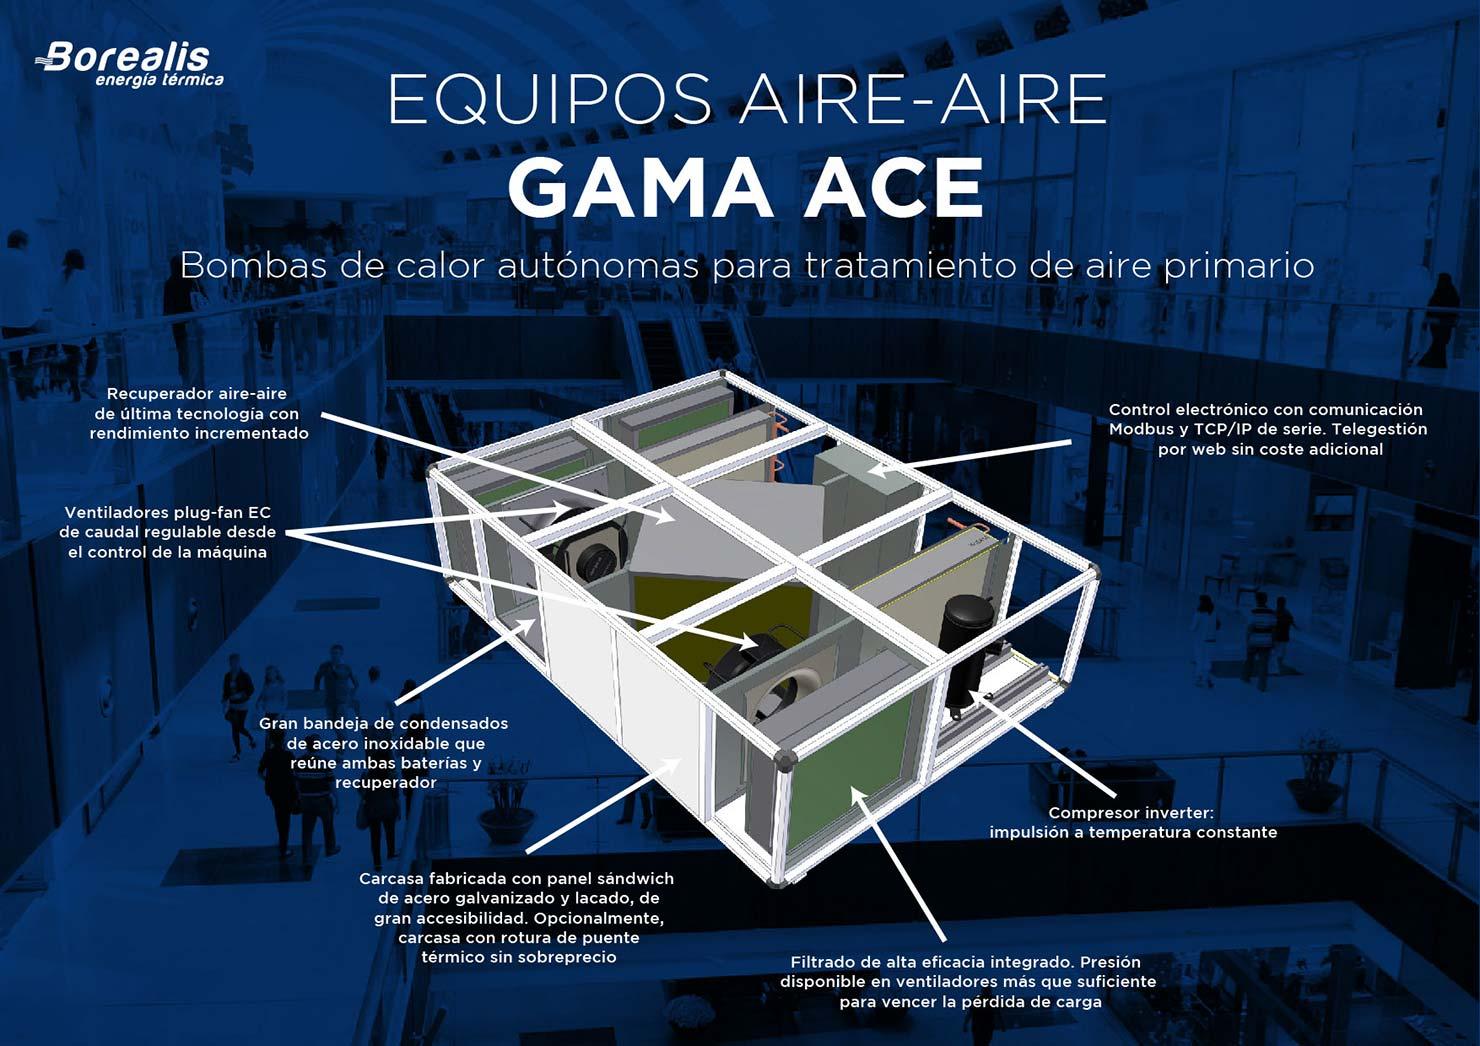 Equipos aire-aire de bombas de calor autónomas para tratamiento de aire